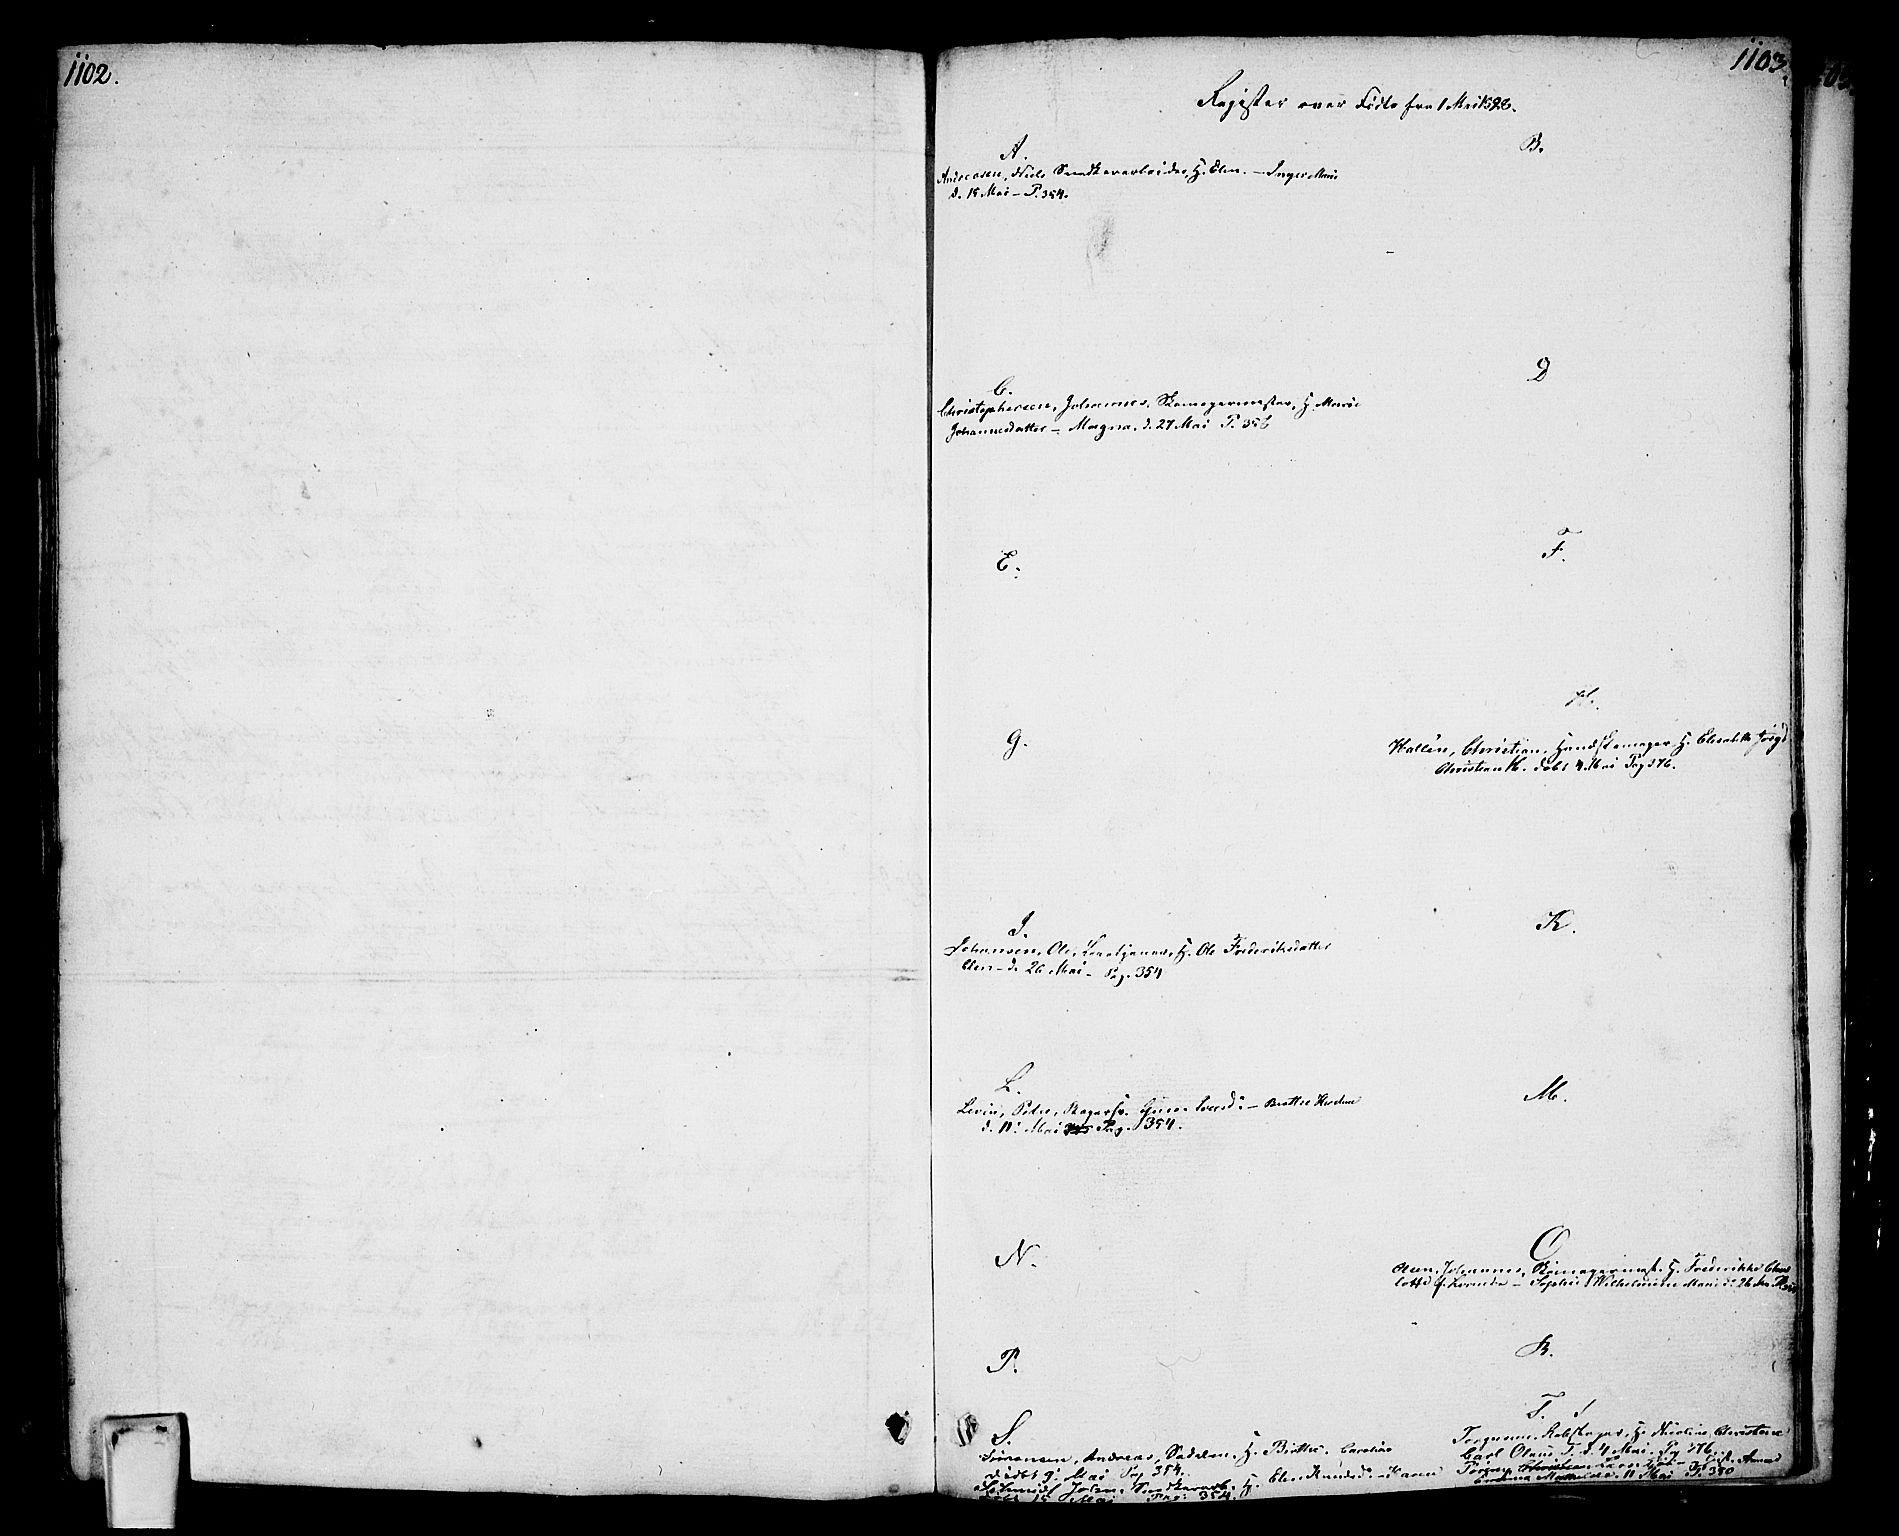 SAO, Oslo domkirke Kirkebøker, F/Fa/L0006: Ministerialbok nr. 6, 1807-1817, s. 1102-1103